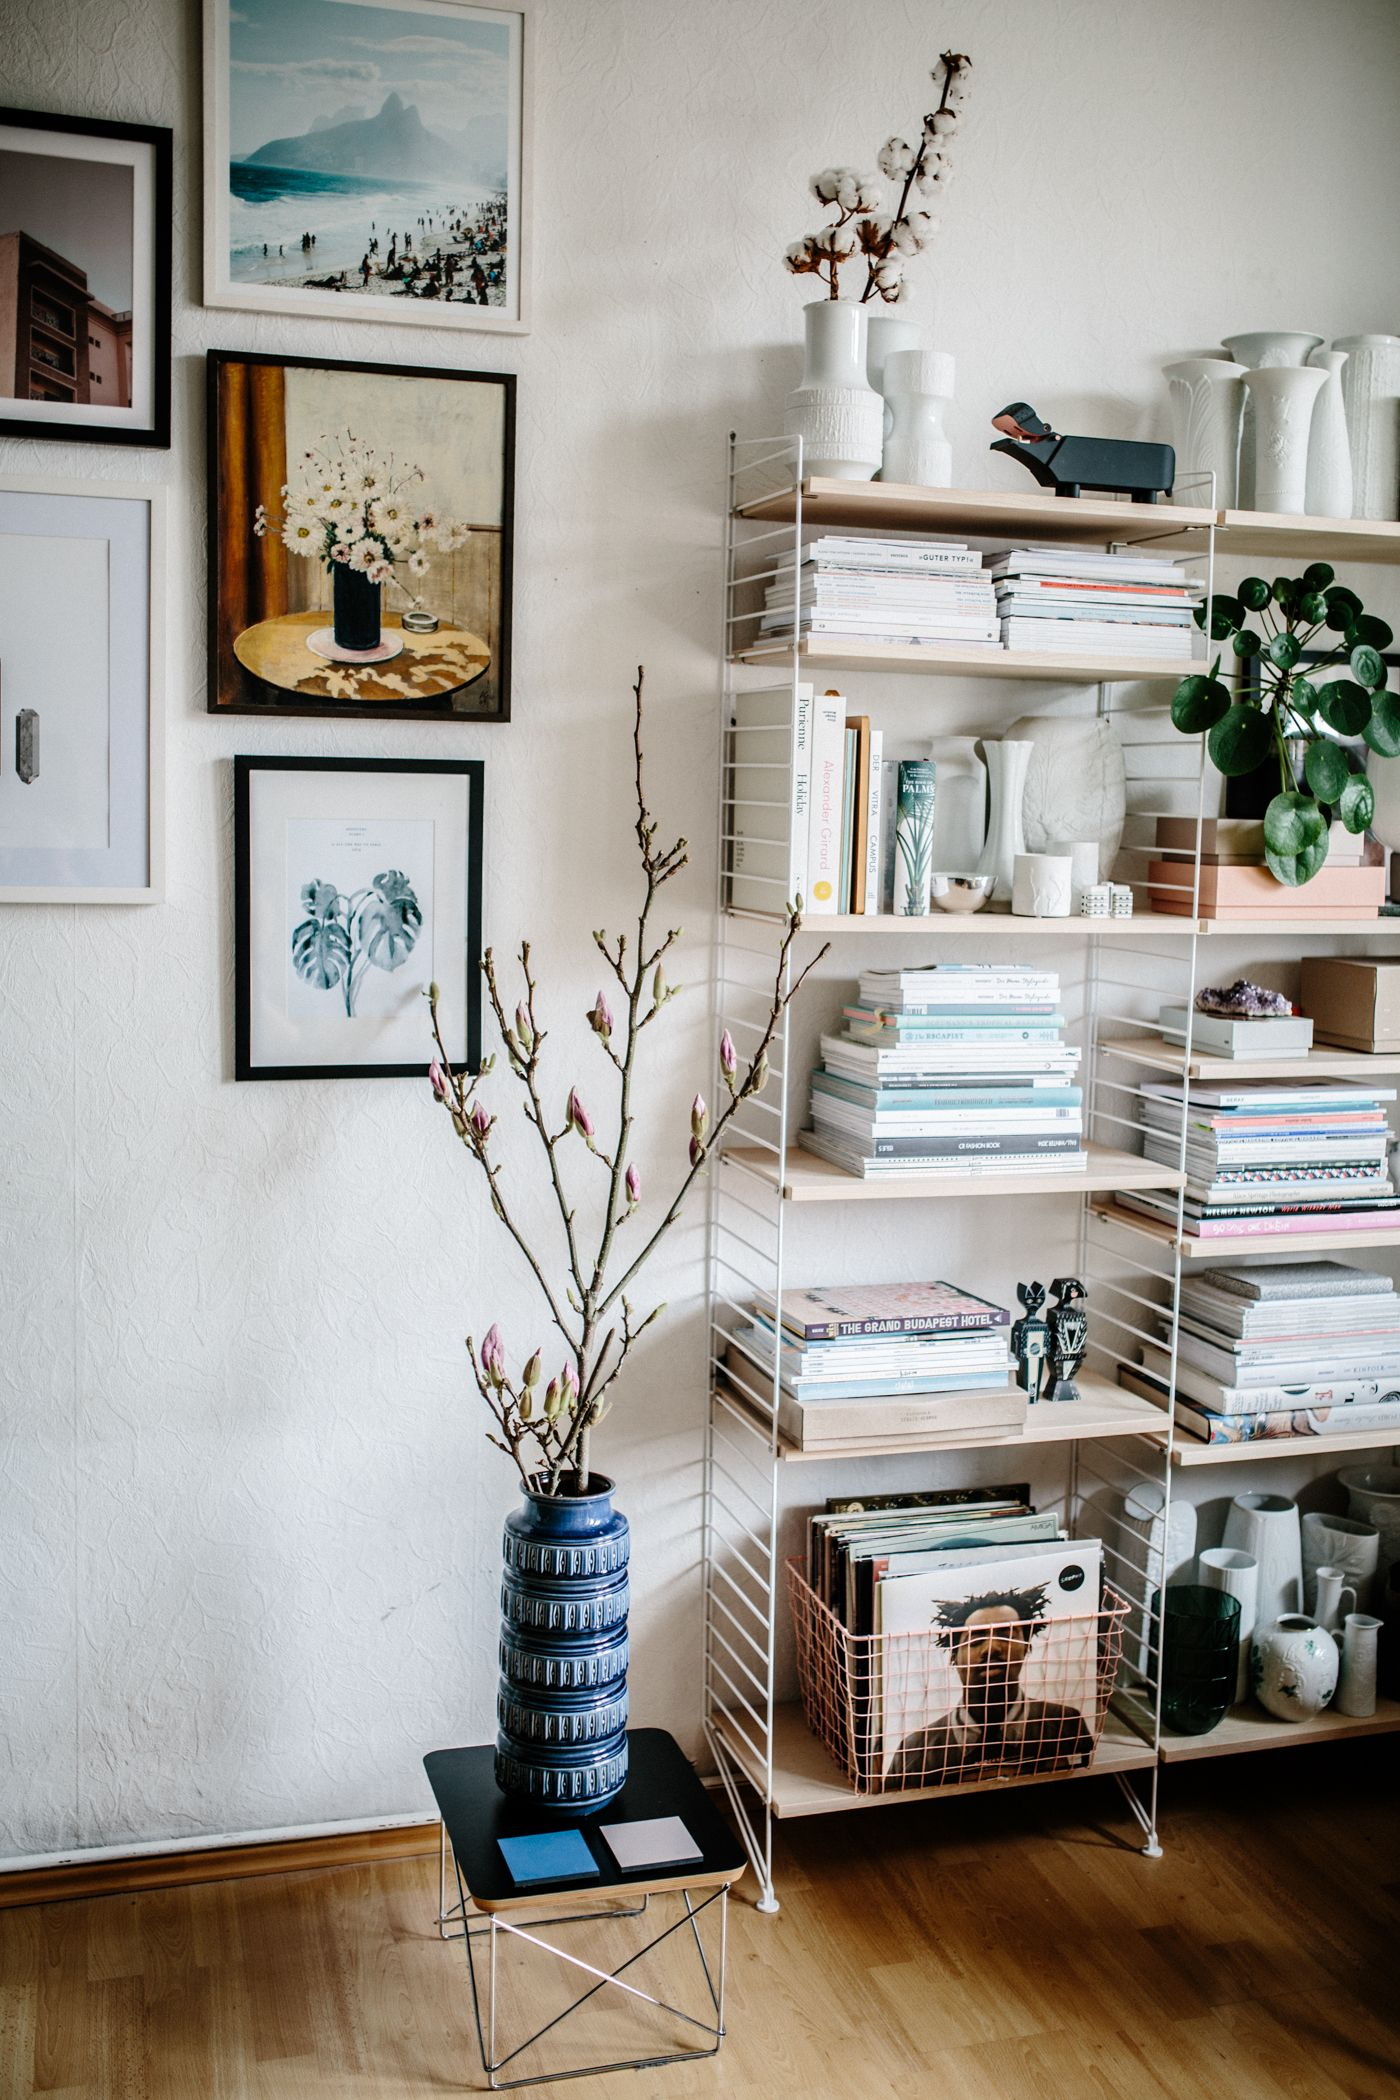 Vinyl aufbewahrung string interior inspiration in 2018 for Lesezimmer einrichten ideen